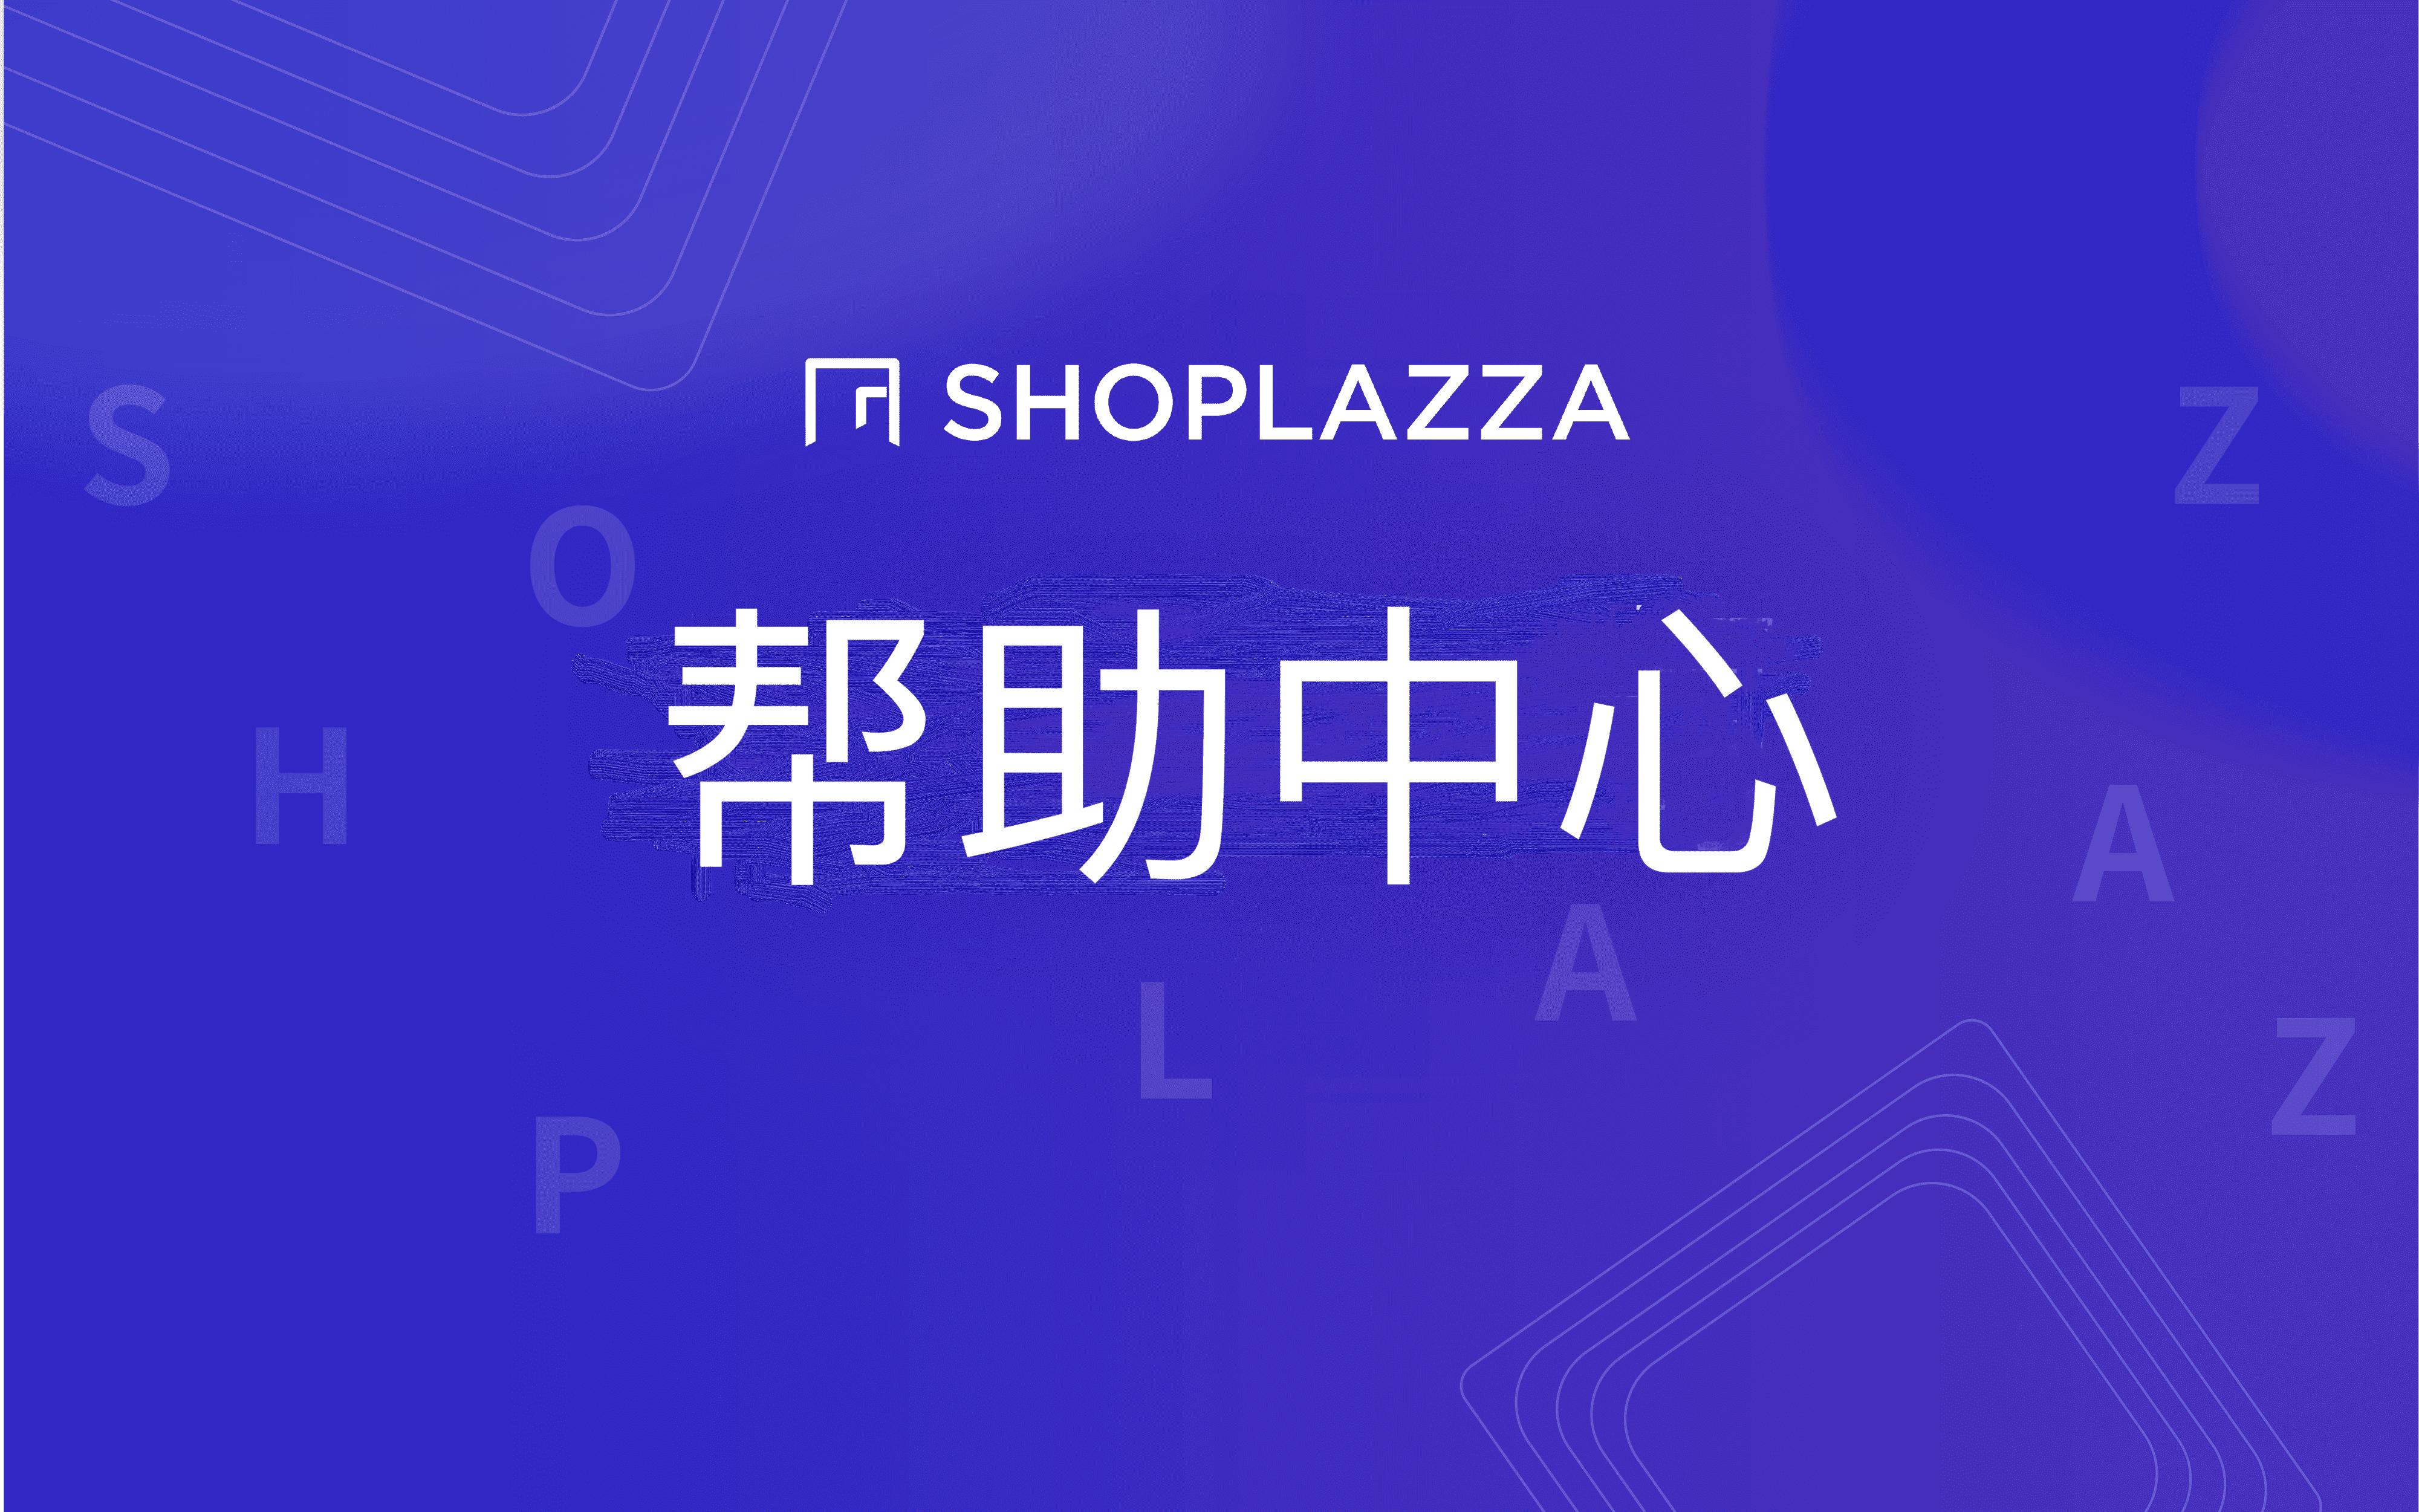 独立站店铺页面数据详情功能介绍